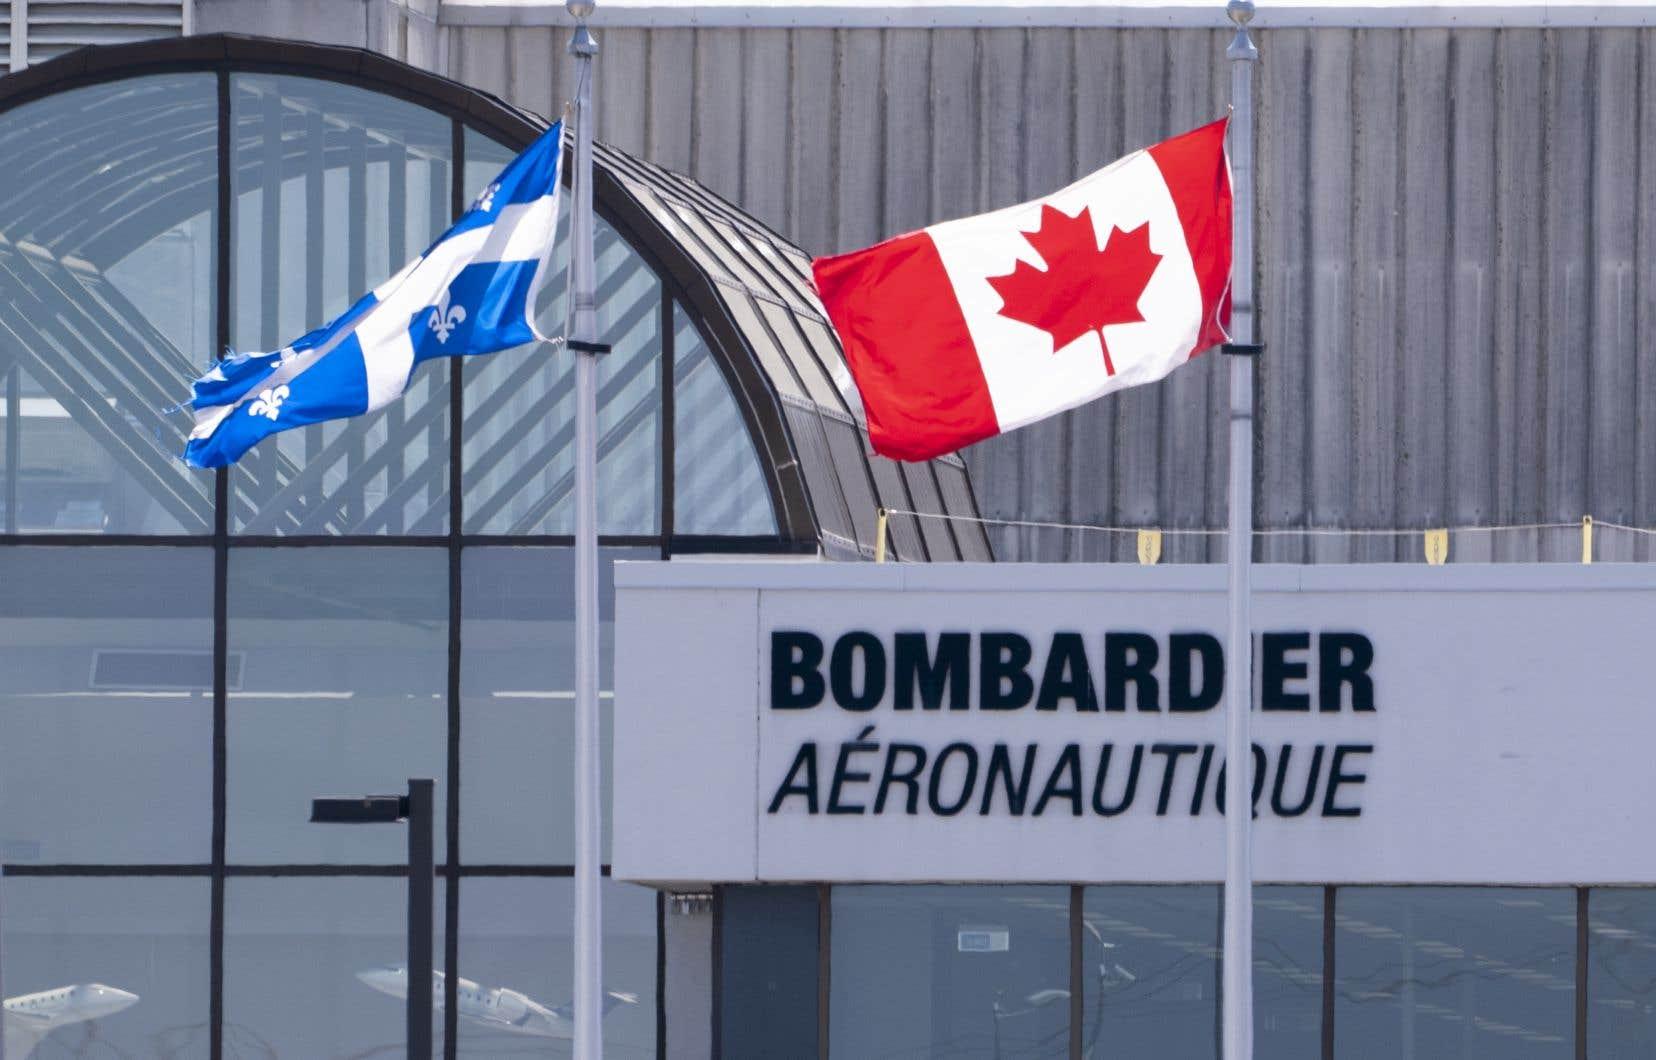 Ce dossier s'ajoute encore à d'autres enquêtes et vérifications ayant visé Bombardier dans des pays comme la Suède et l'Espagne au cours des dernières années.